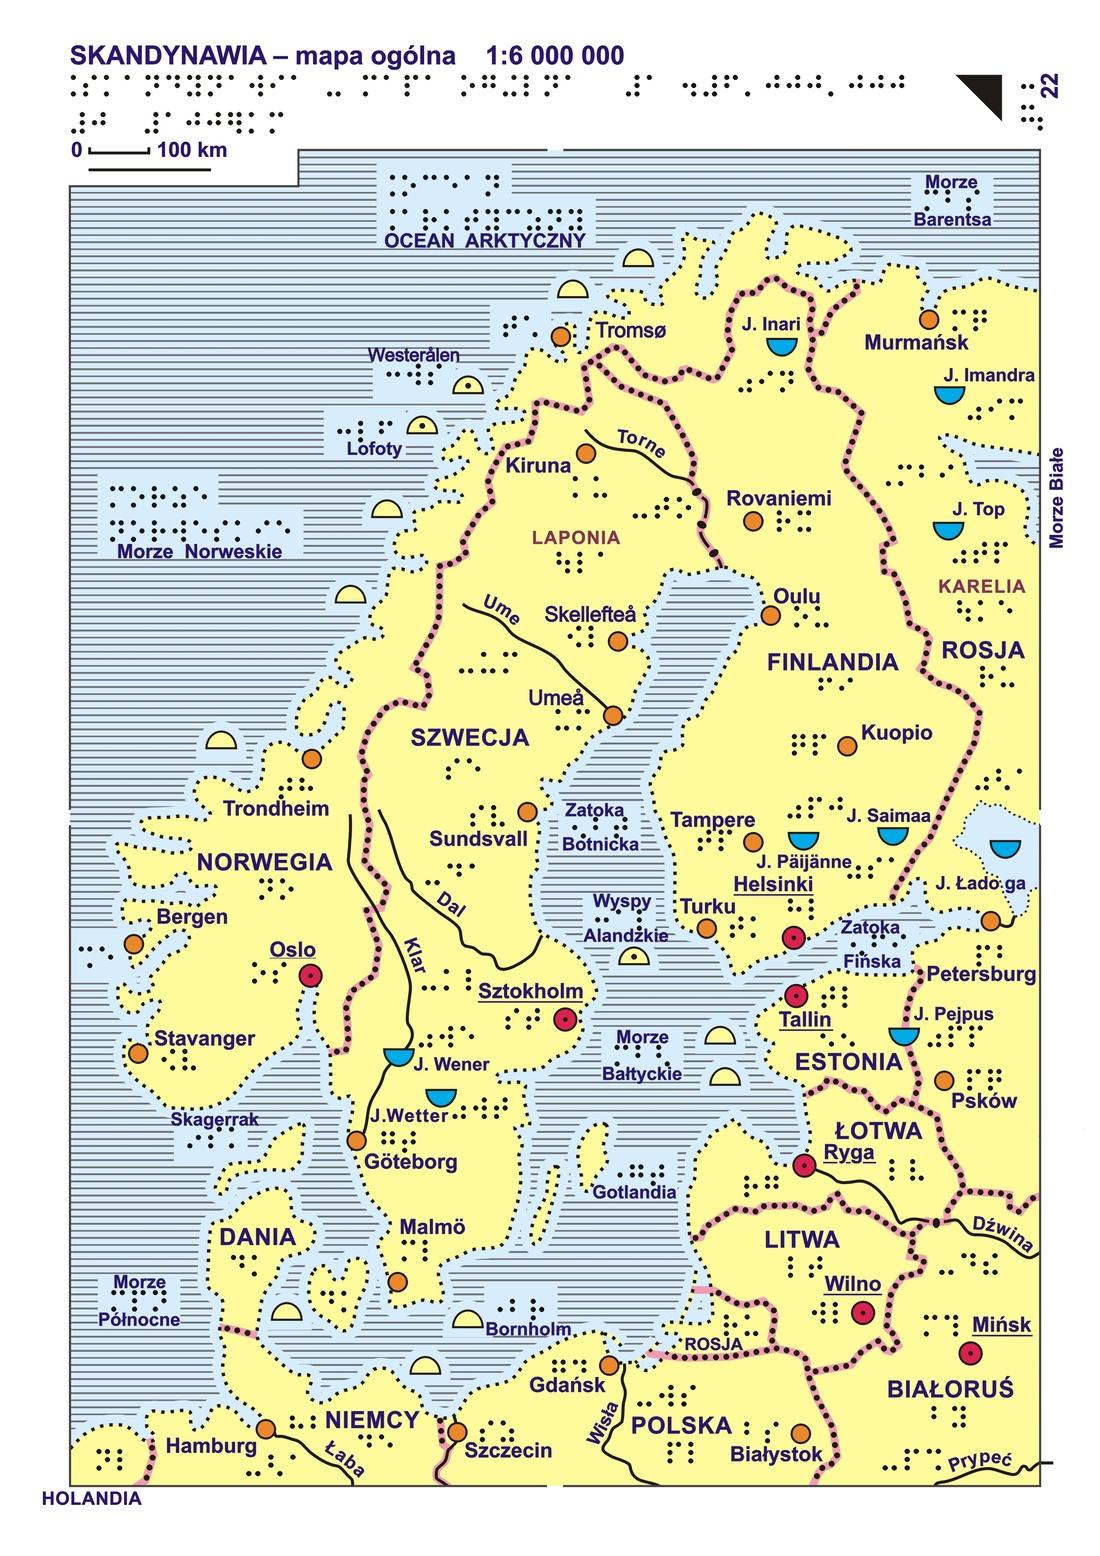 22 23 Skandynawia Mapa Ogólna I Rzeźba Terenu